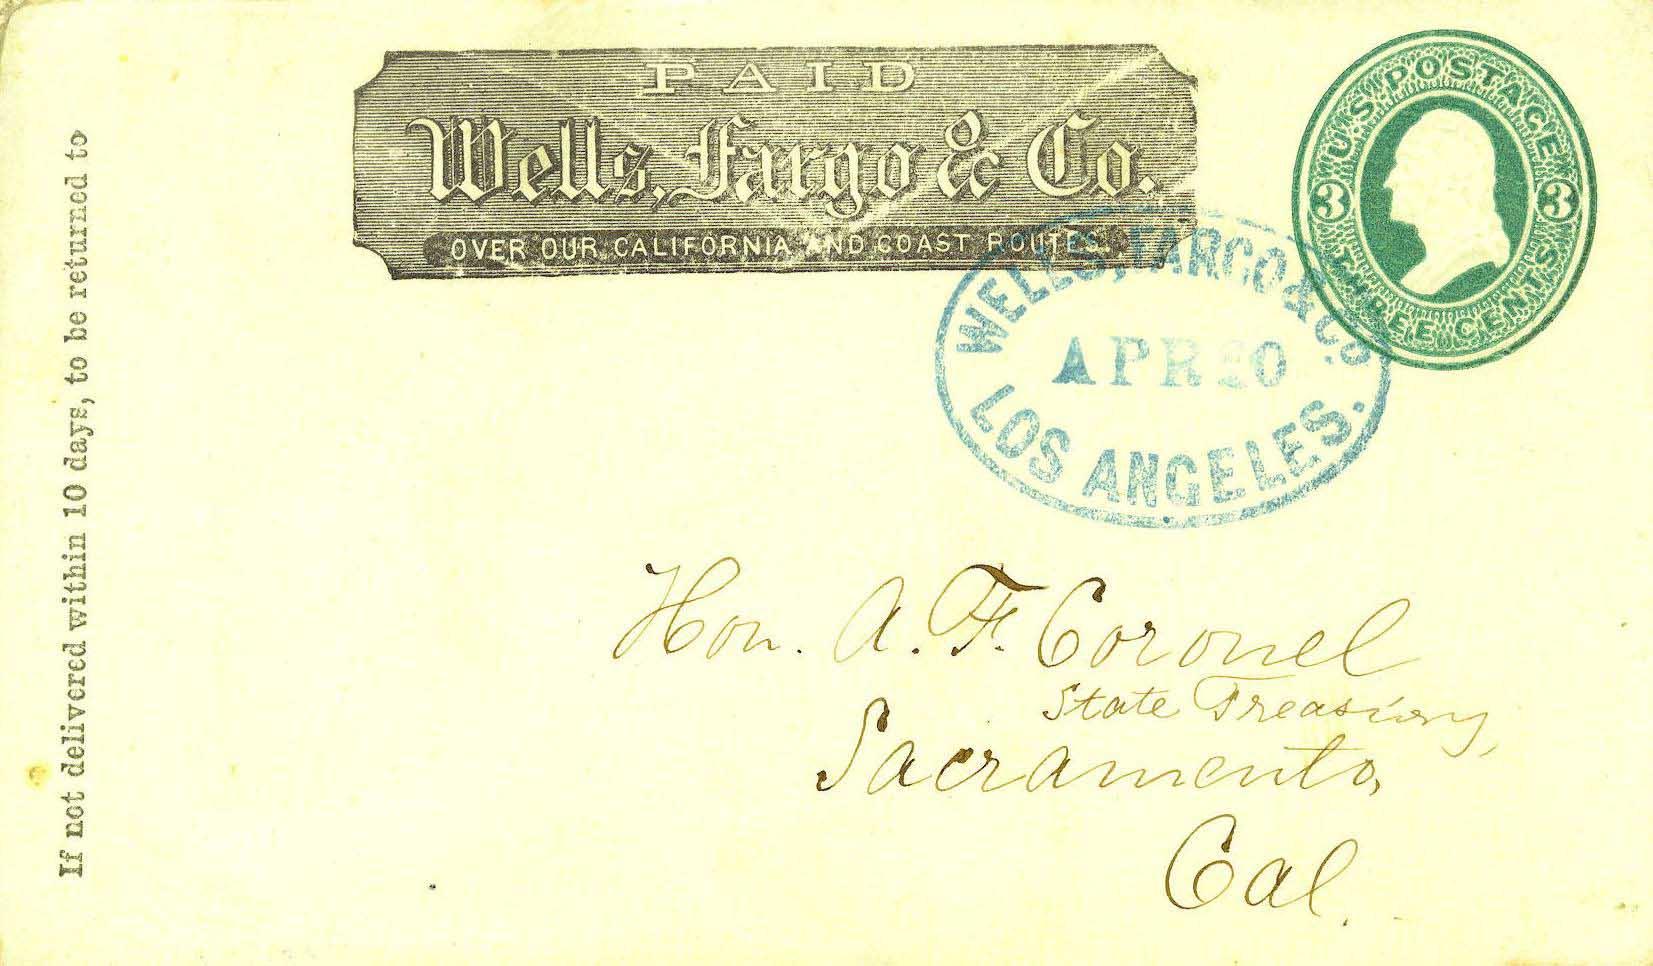 WC12687 LOS ANGELES, CA 11 9,bl U82